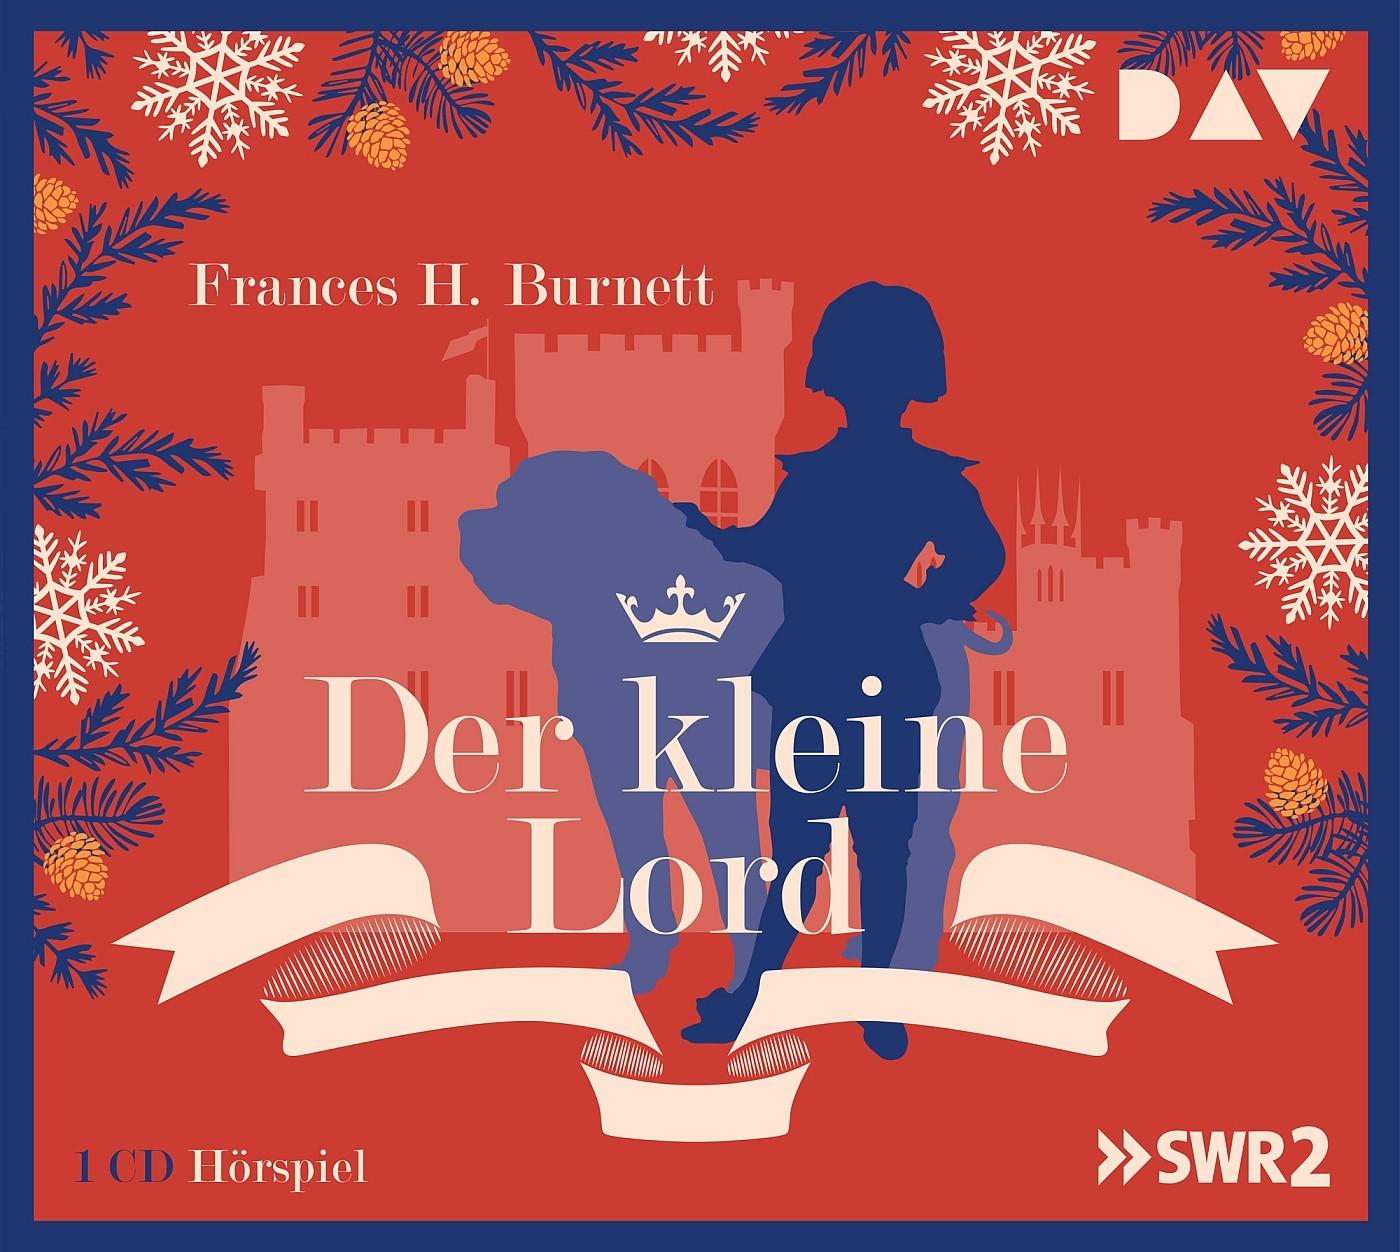 Frances H. Burnett - Der kleine Lord: Hörspiel